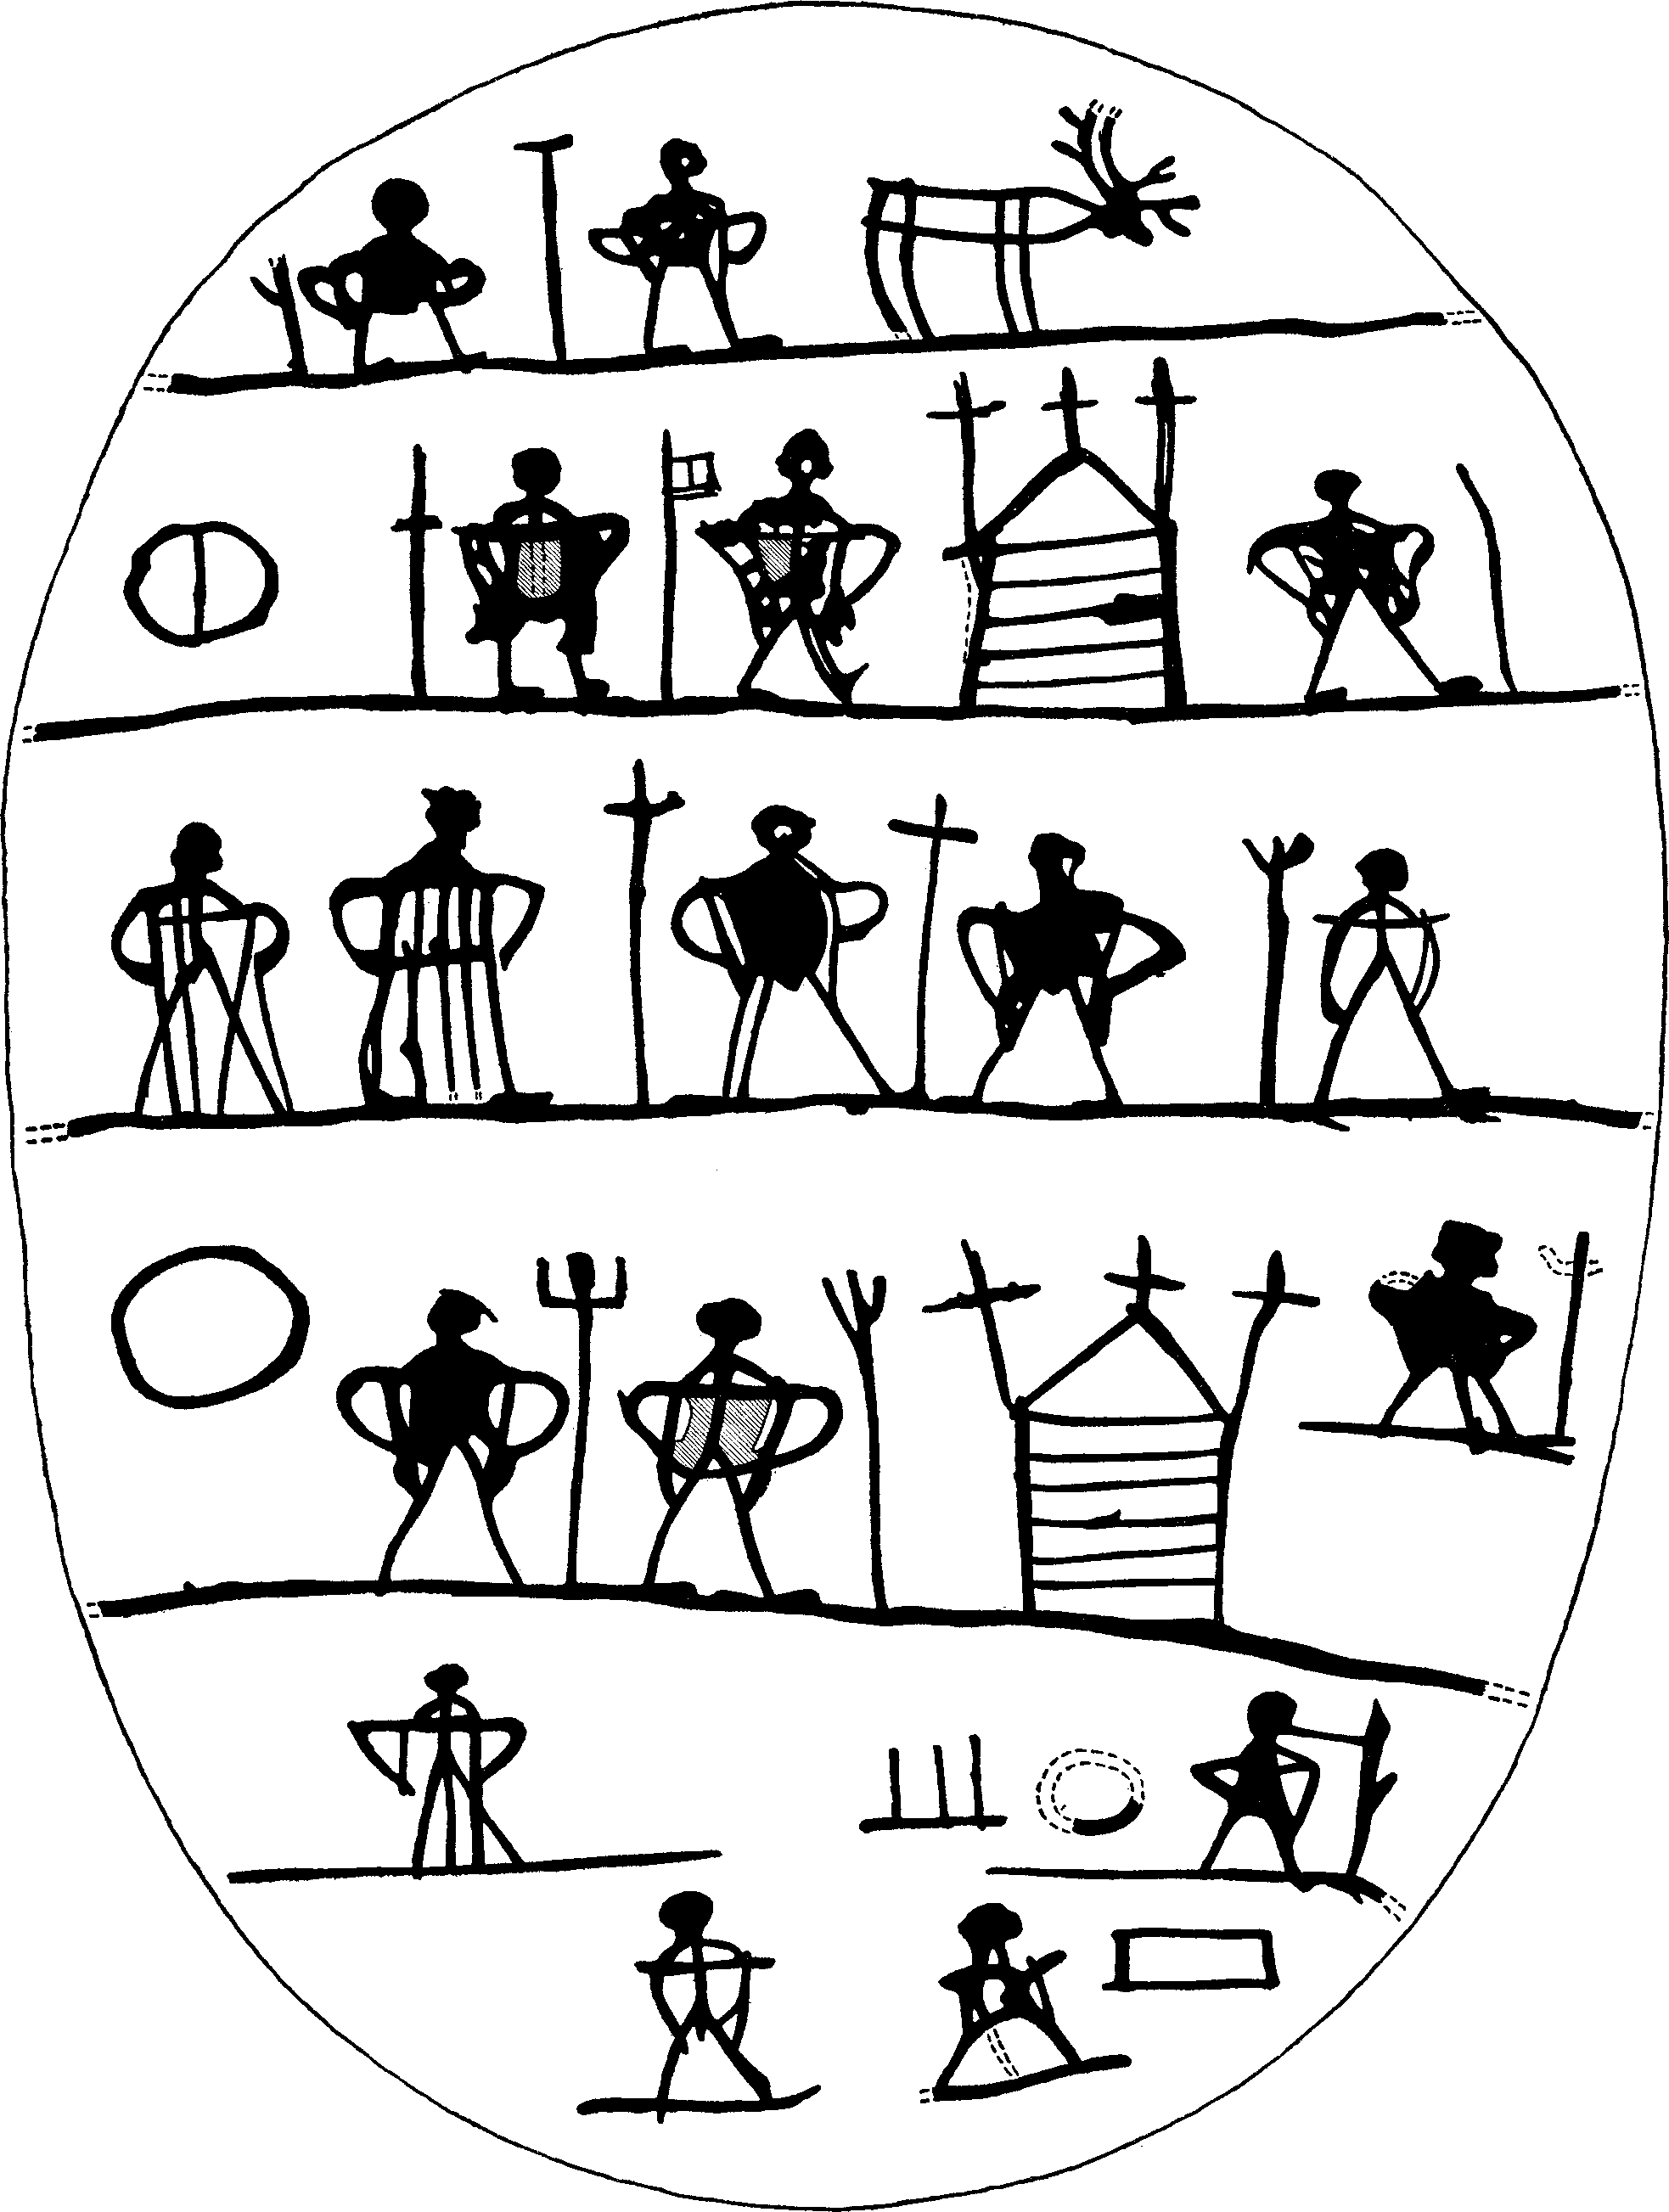 Dato språk bokstaver på sølvfat